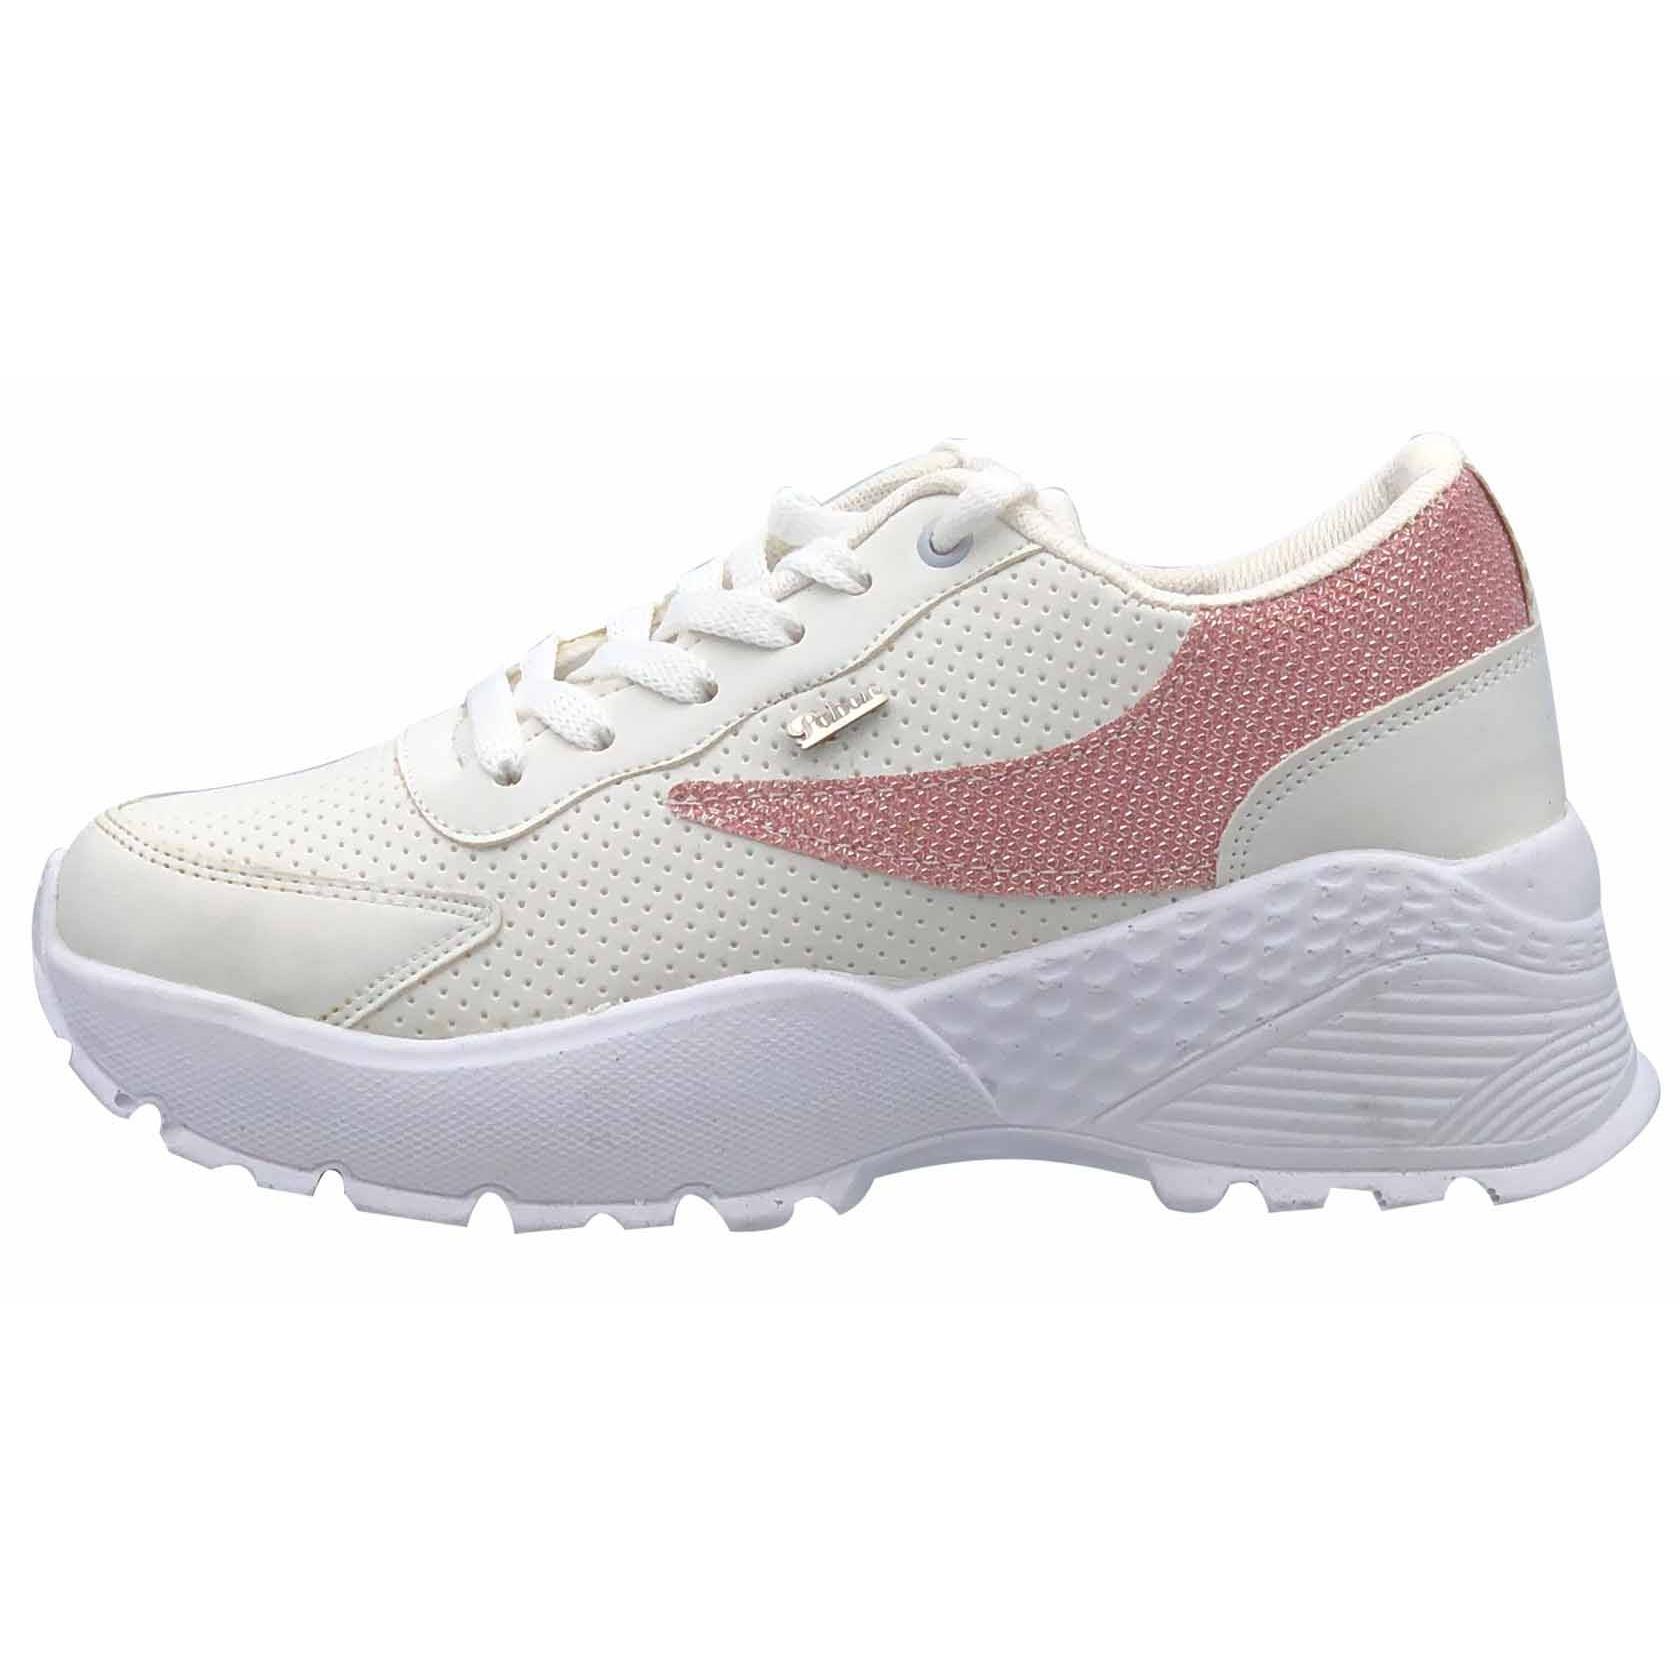 کفش مخصوص پیاده روی زنانه کد 9839